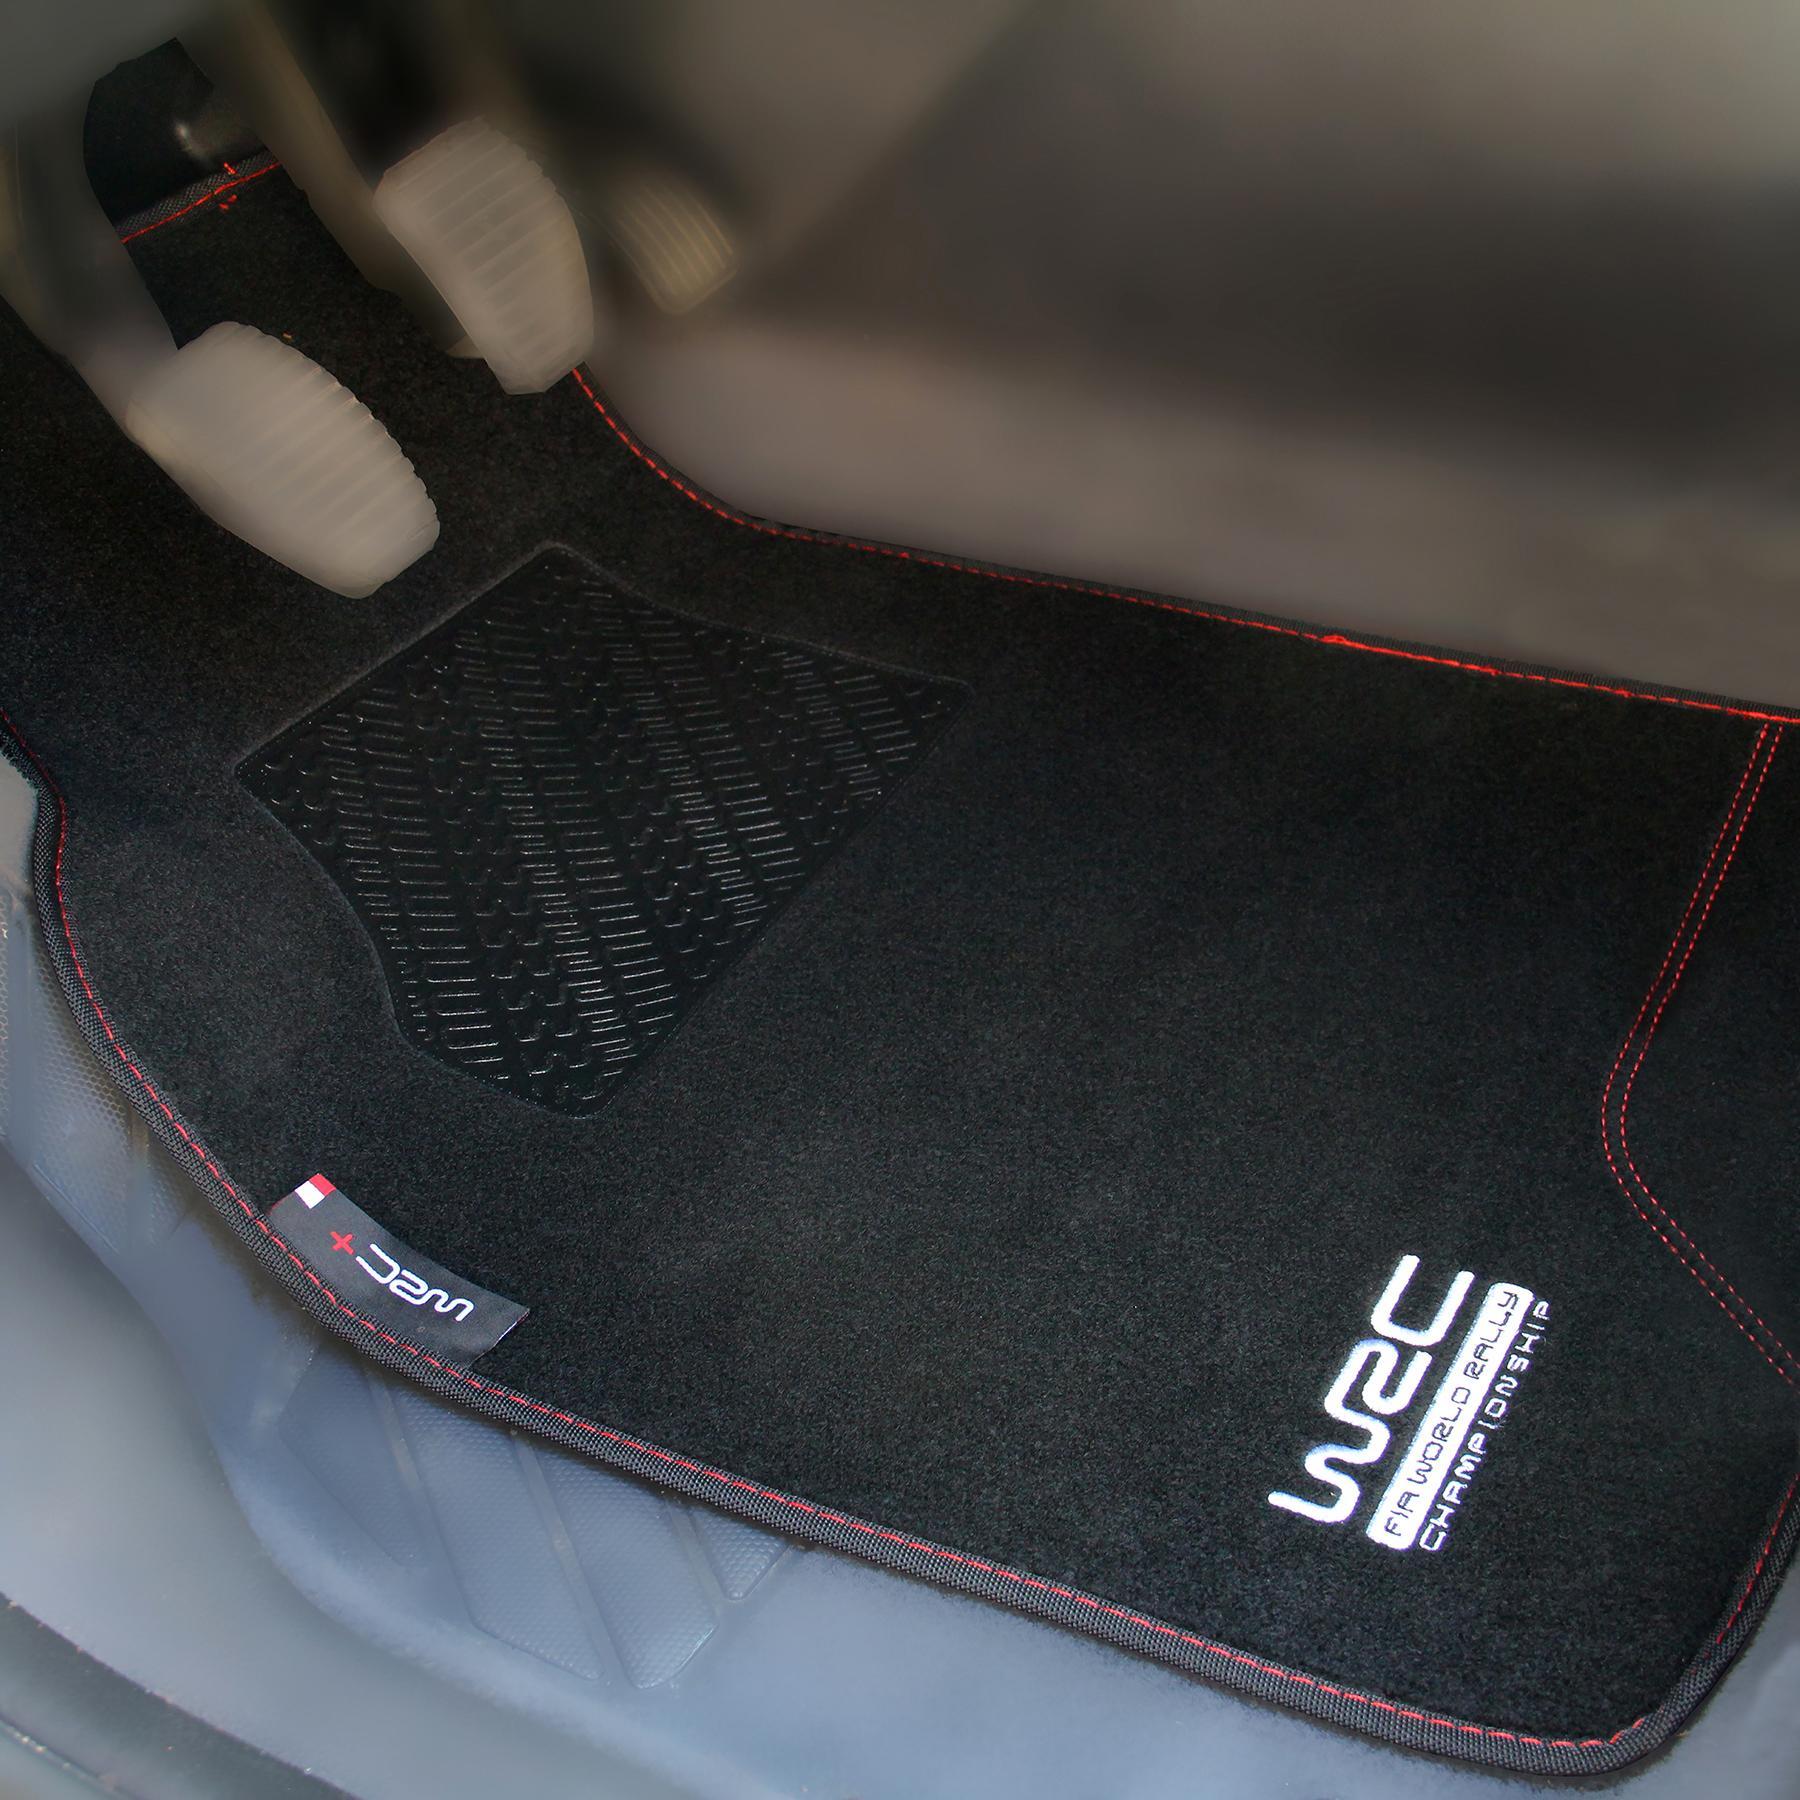 007592 Vloermatset WRC - Bespaar met uitgebreide promoties